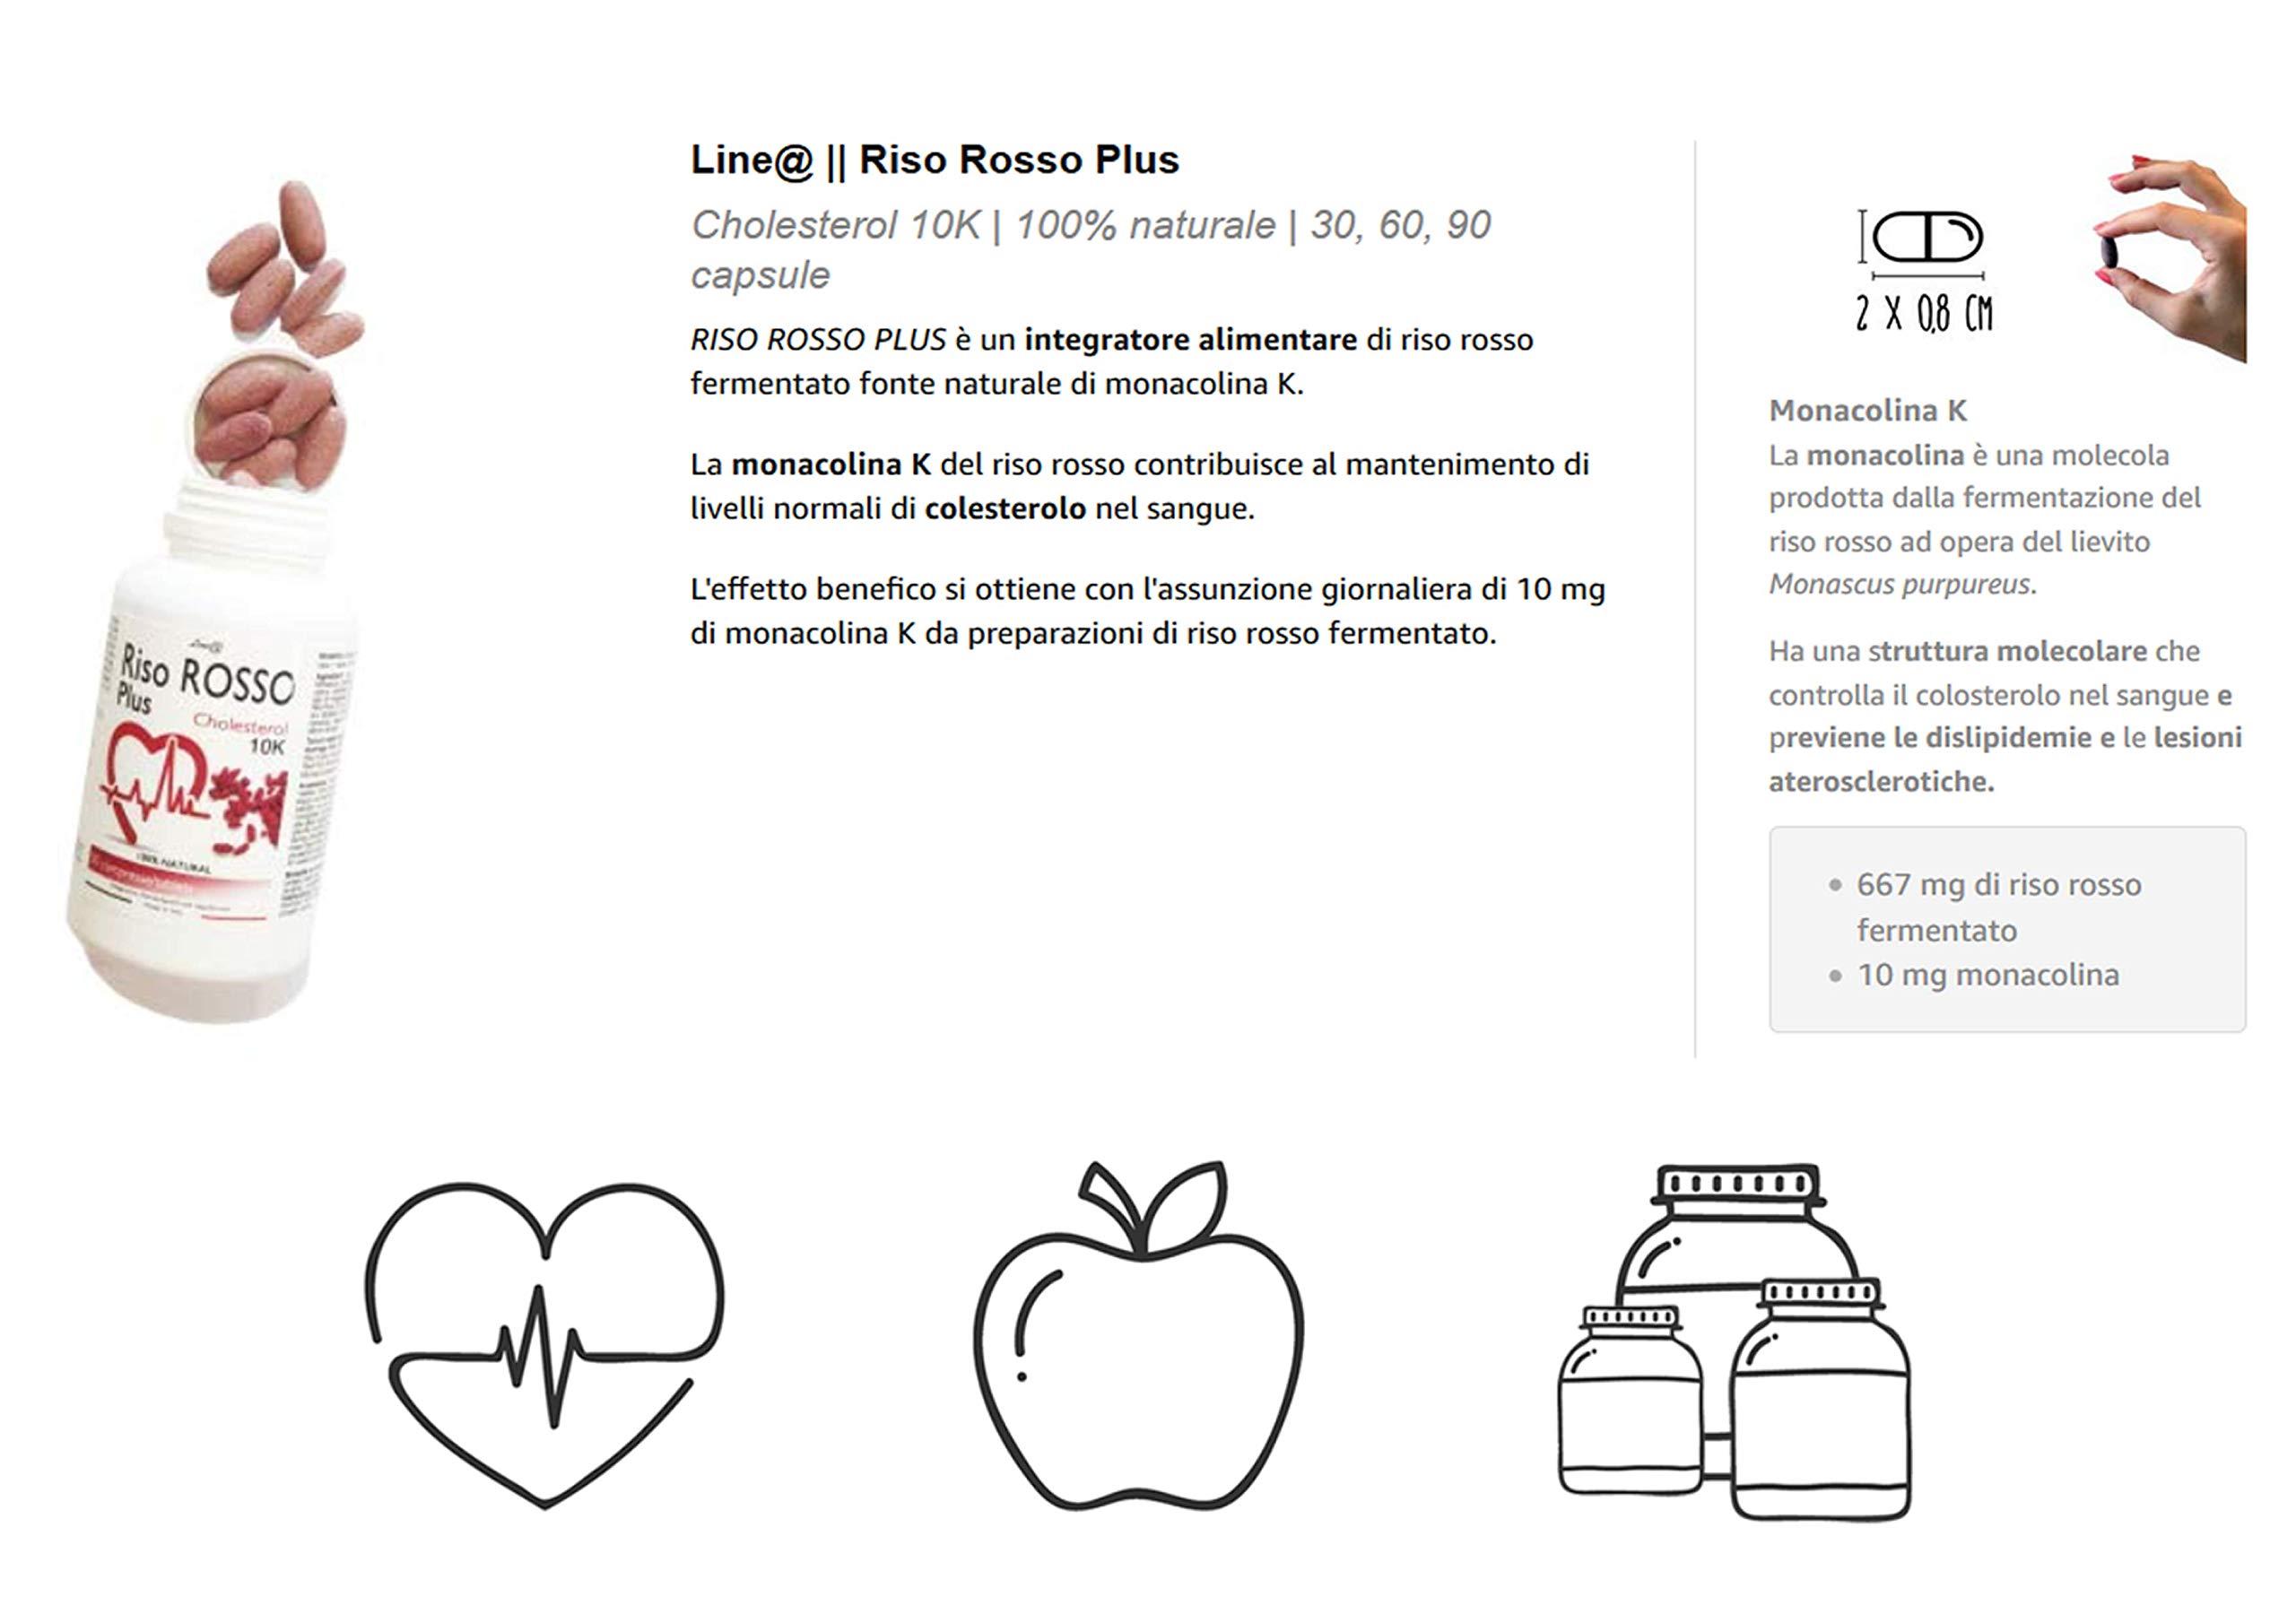 riso rosso fermentato monacolina k 10 mg